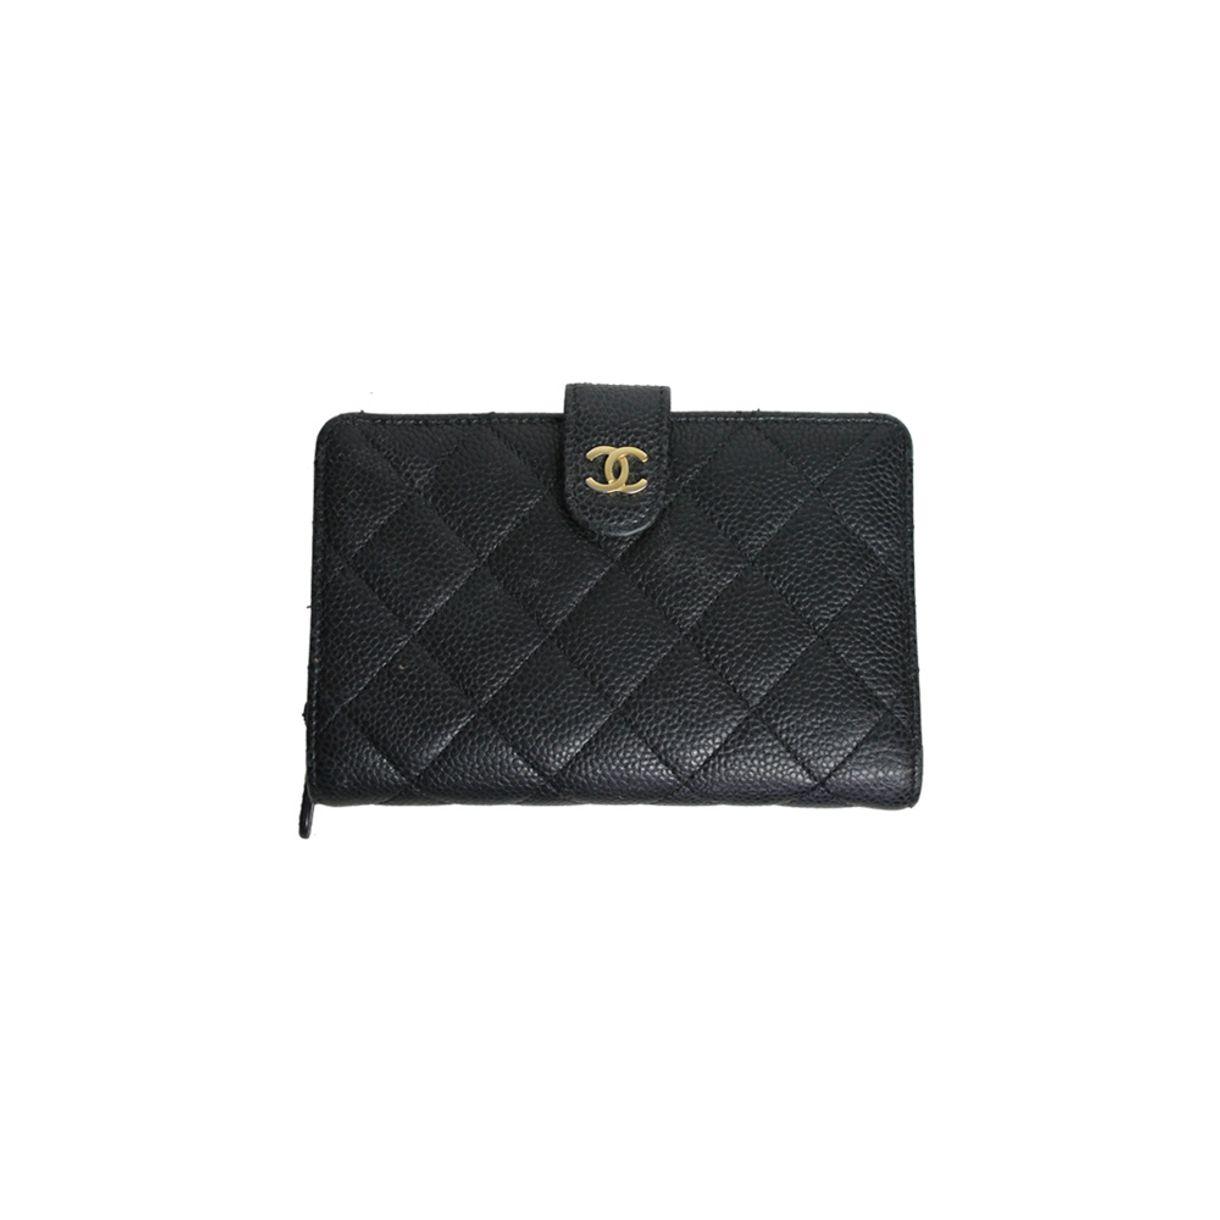 60322-carteira-chanel-l-zip-pocket-em-couro-caviar-preto-1